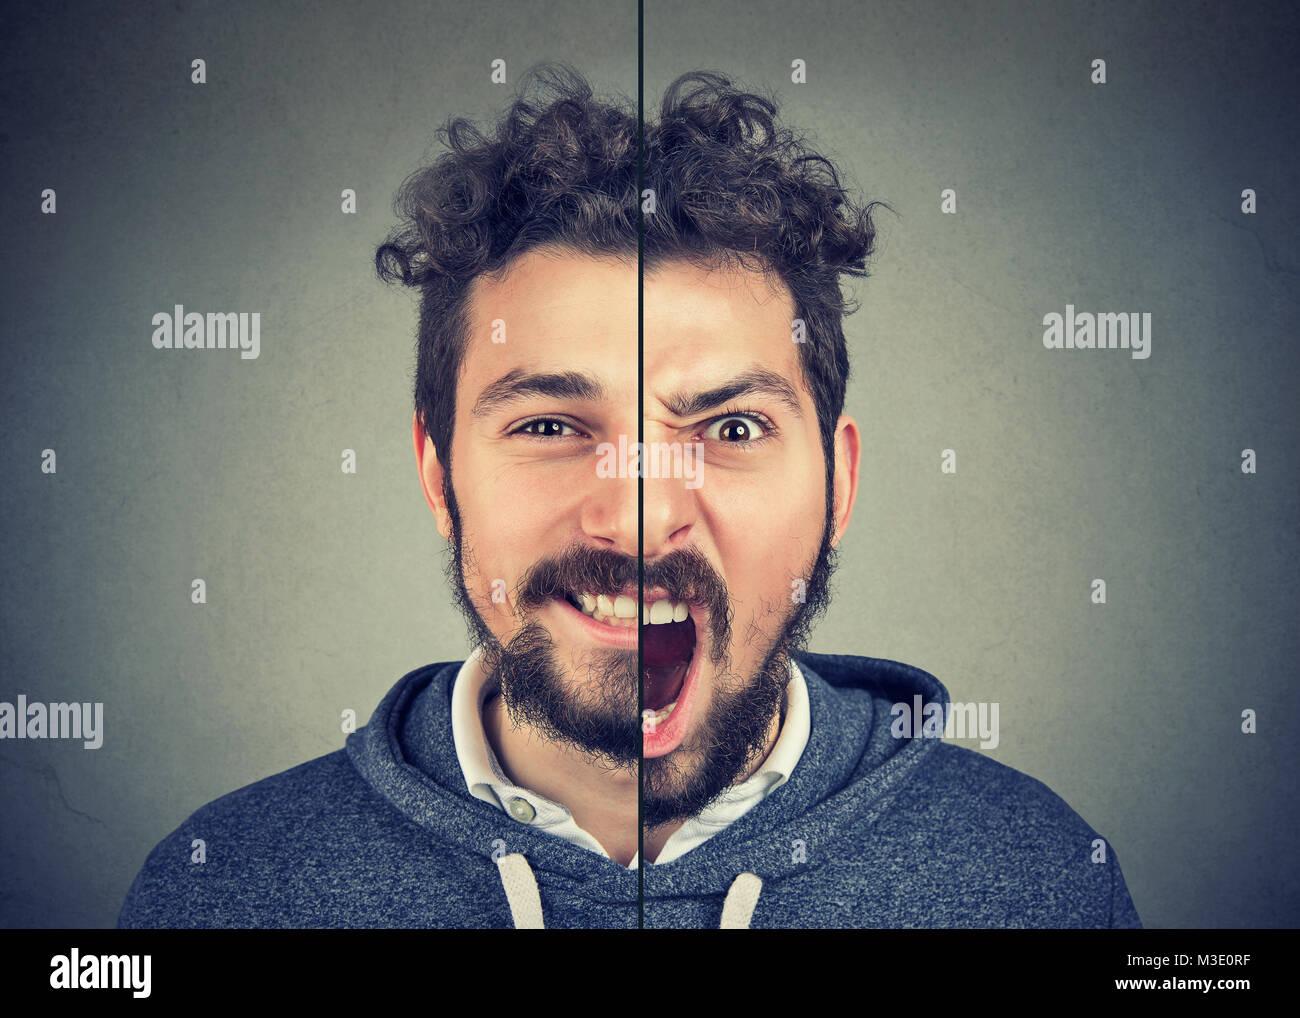 Bipolare Störung-Konzept. Junger Mann mit doppelten Gesichtsausdruck auf grauem Hintergrund isoliert Stockbild